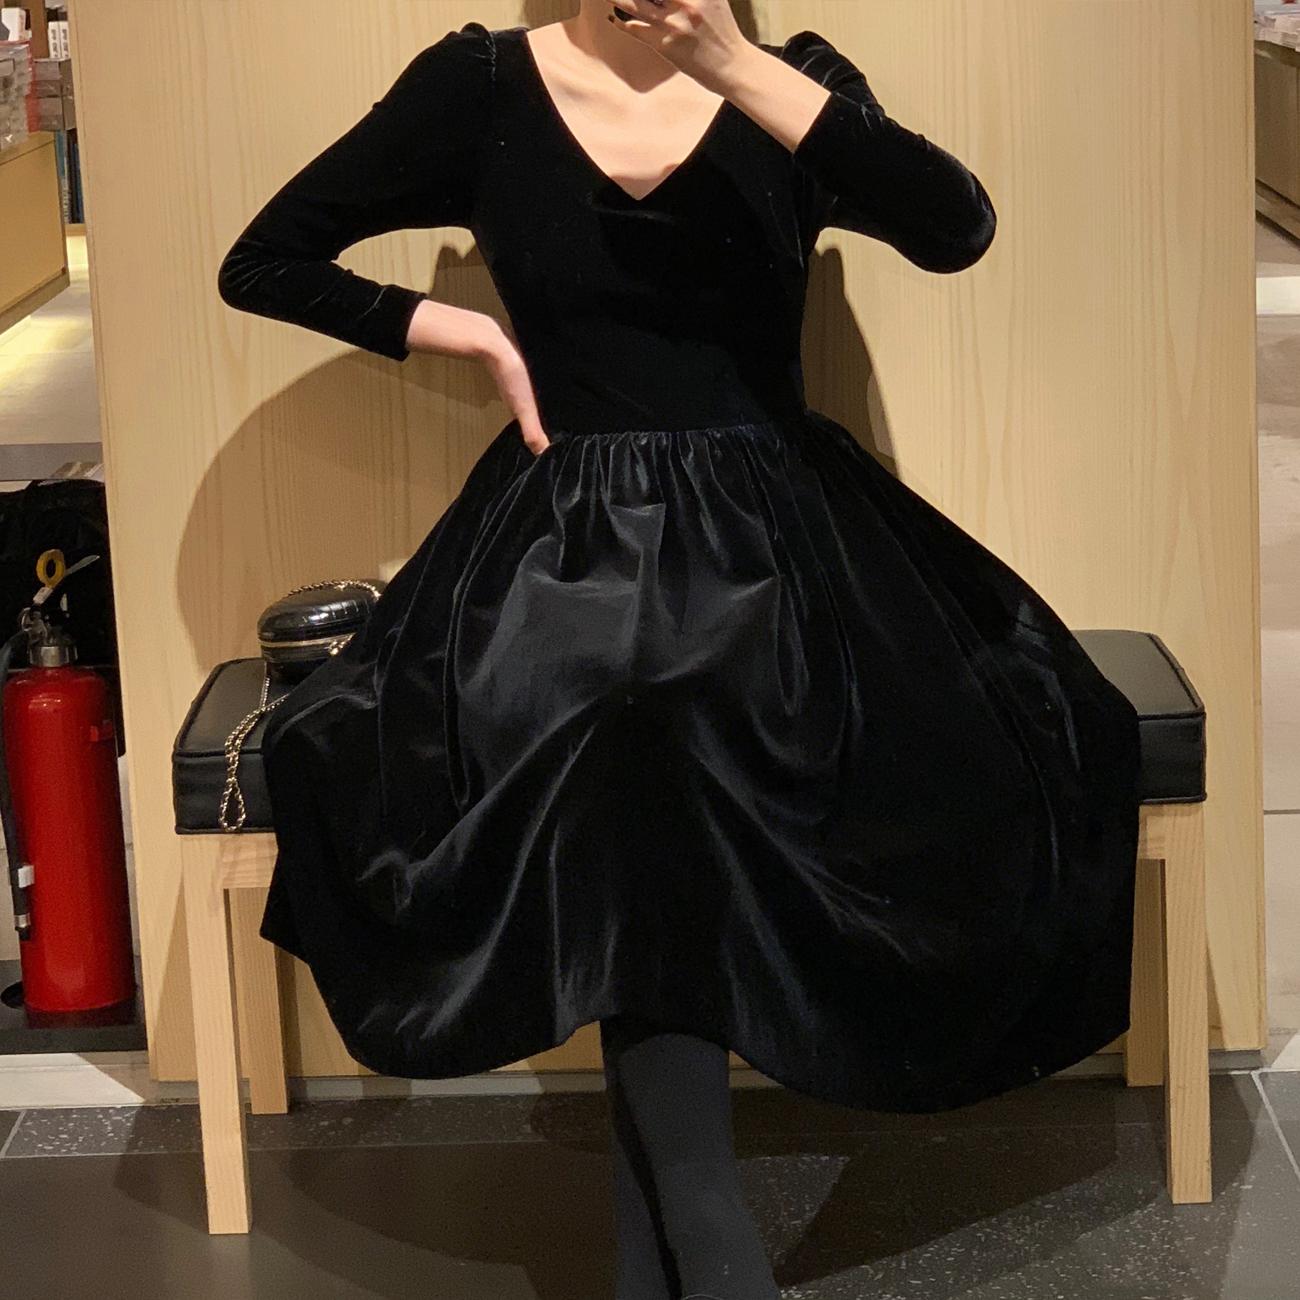 ◆ASM◆2018冬季新款黑色复古V领气质连衣裙绒面修身高腰裙子女装